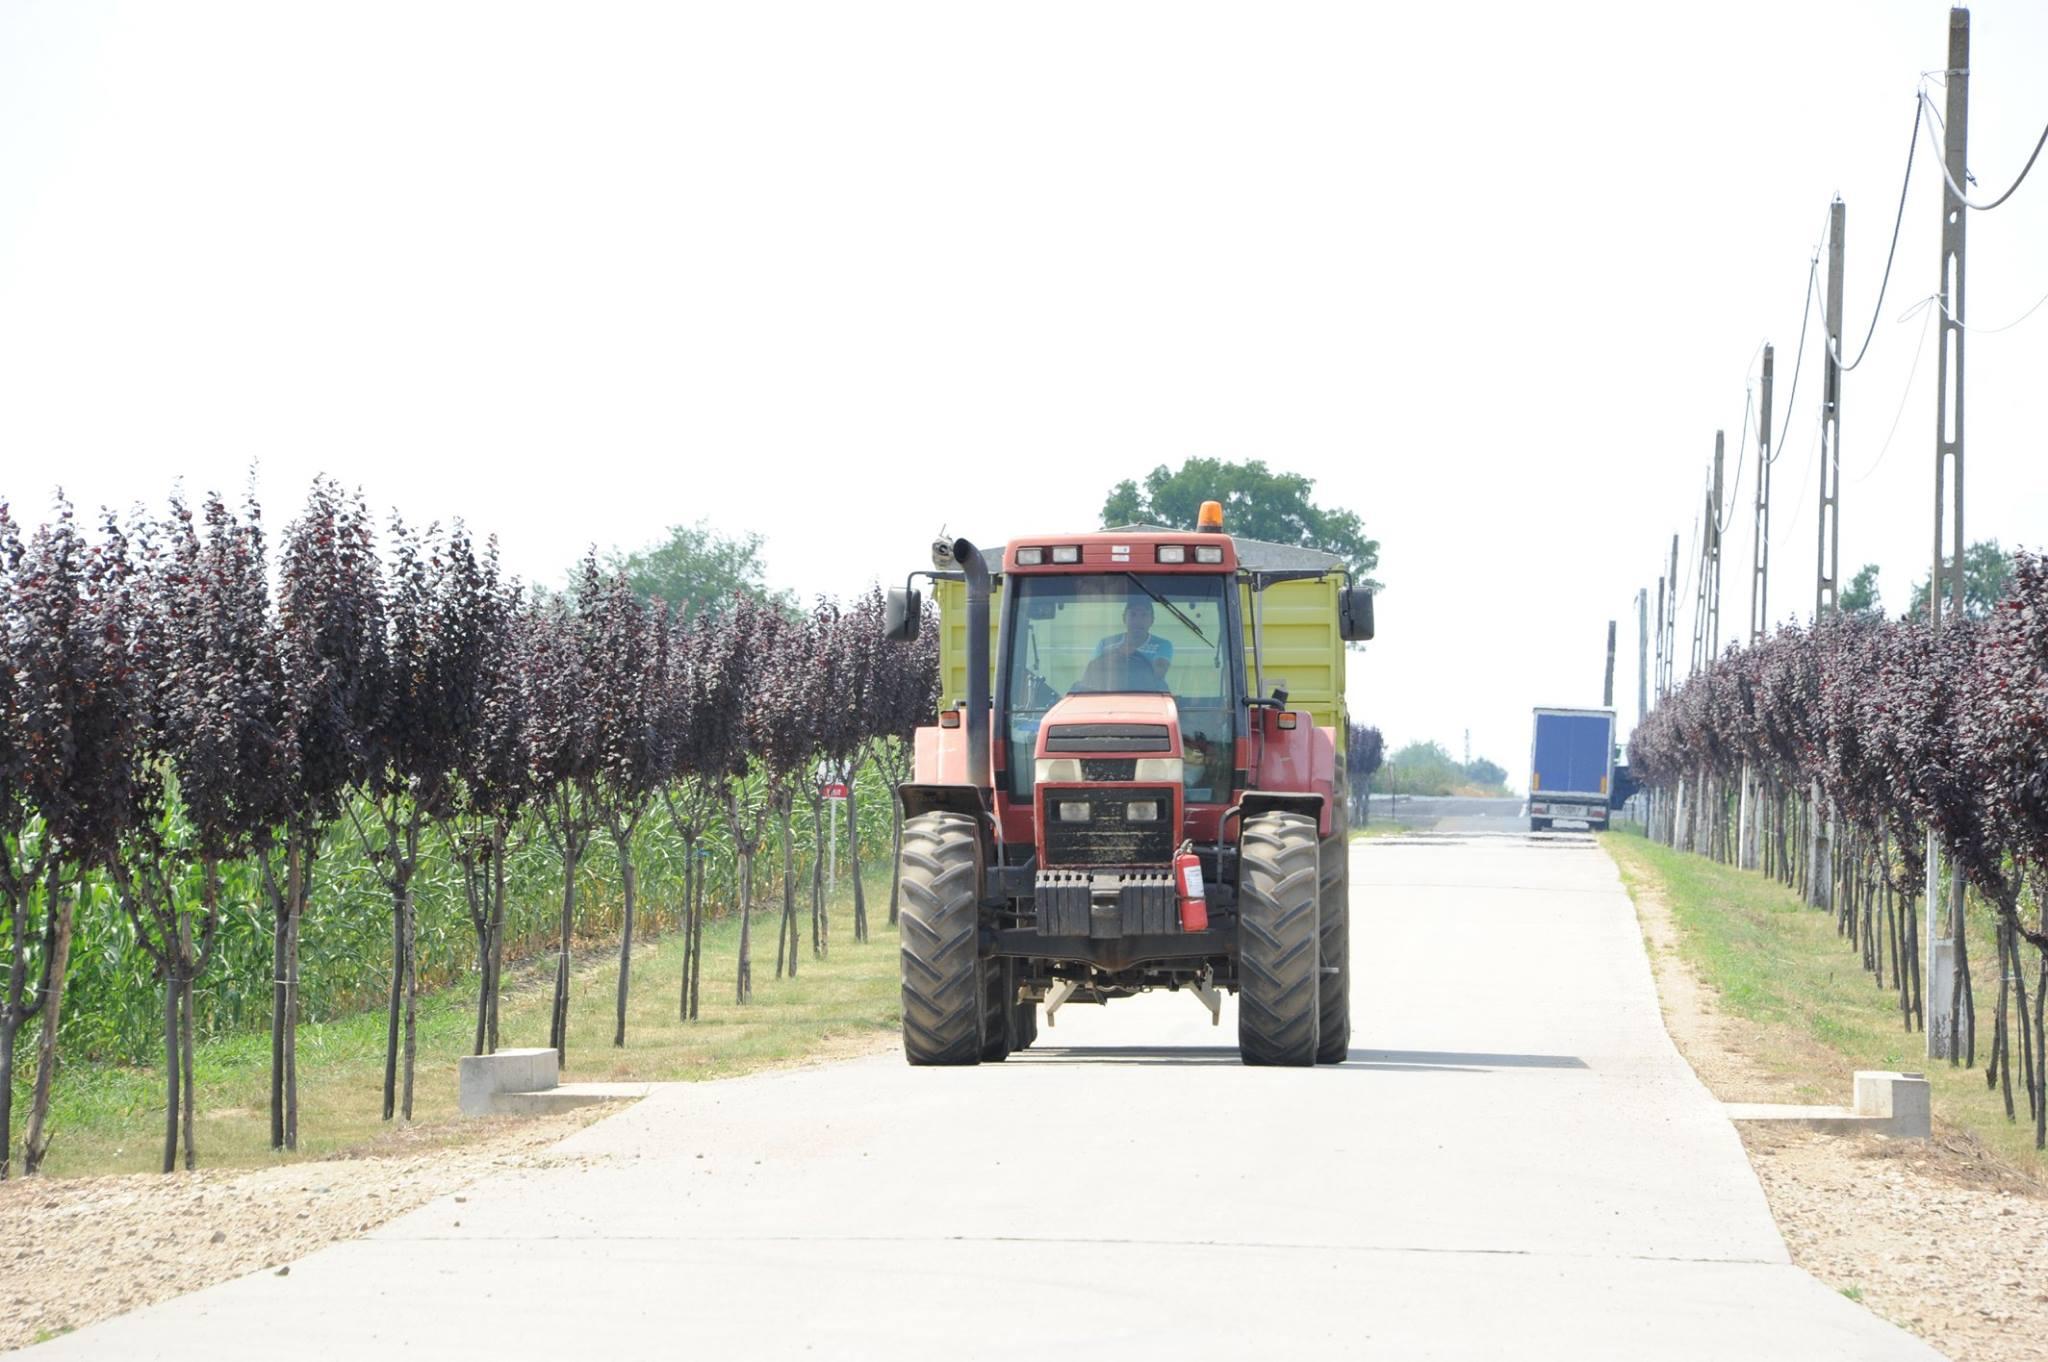 Dezastrul agriculturii romanesti: Pana si fermierii din R. Moldova stau mai bine la incarcatura suprafata pe tractor